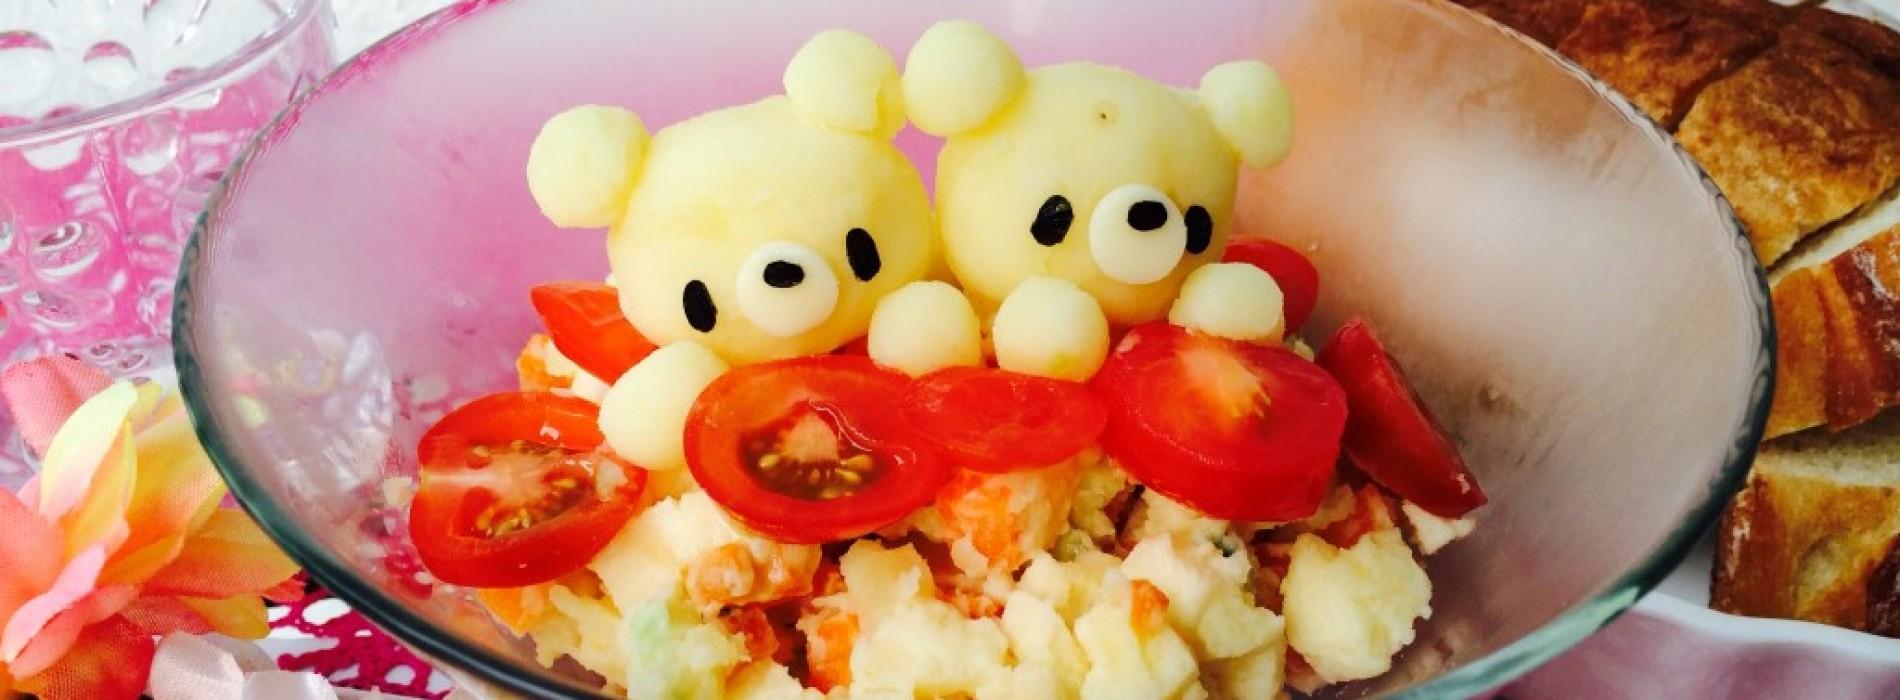 Happy Cook: 熊出沒!日式薯仔沙律